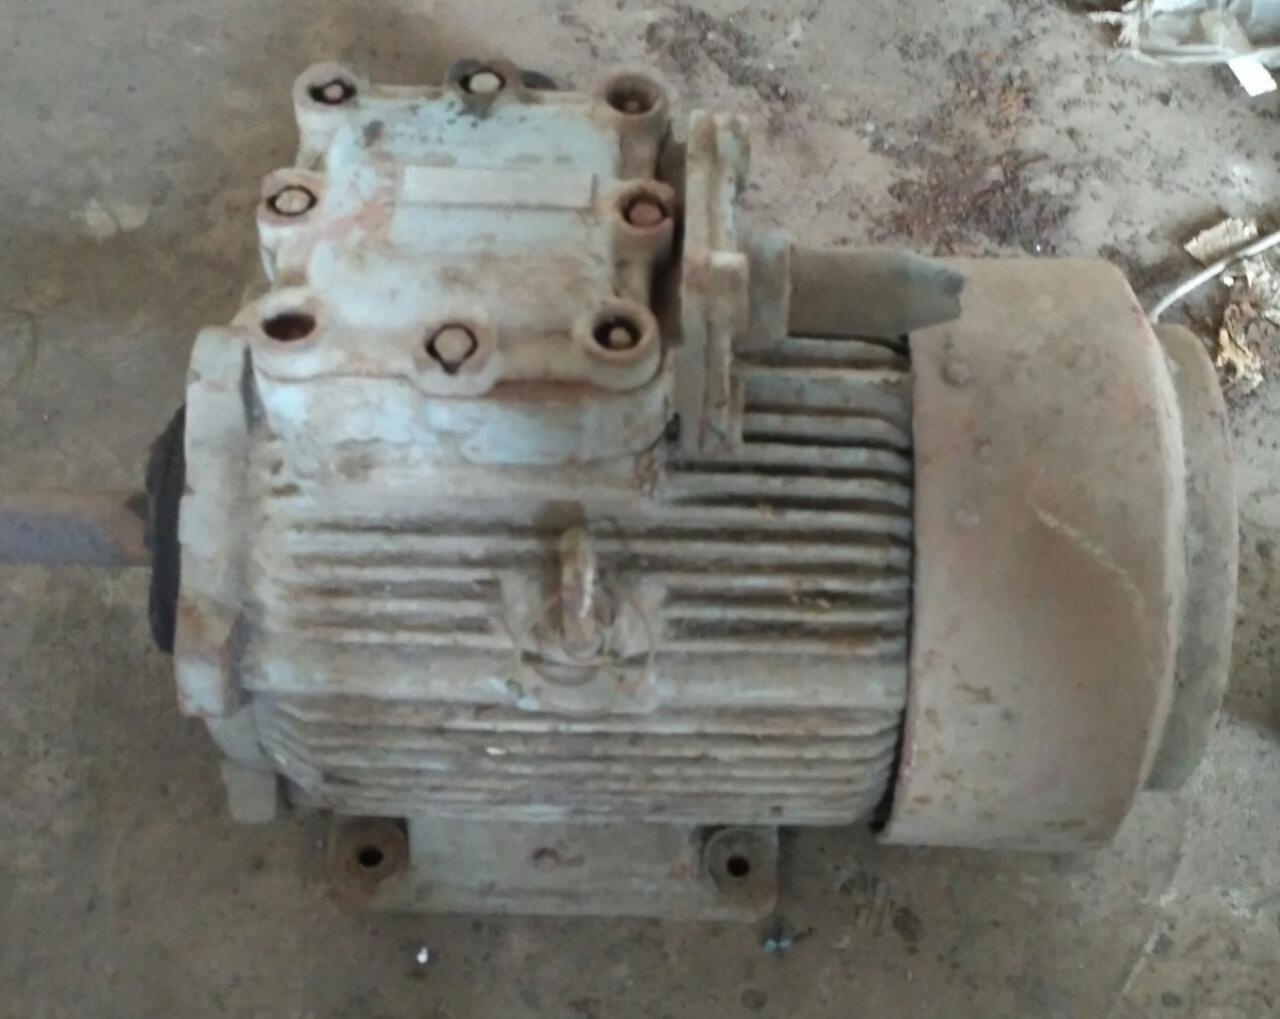 Motor - 5 HP